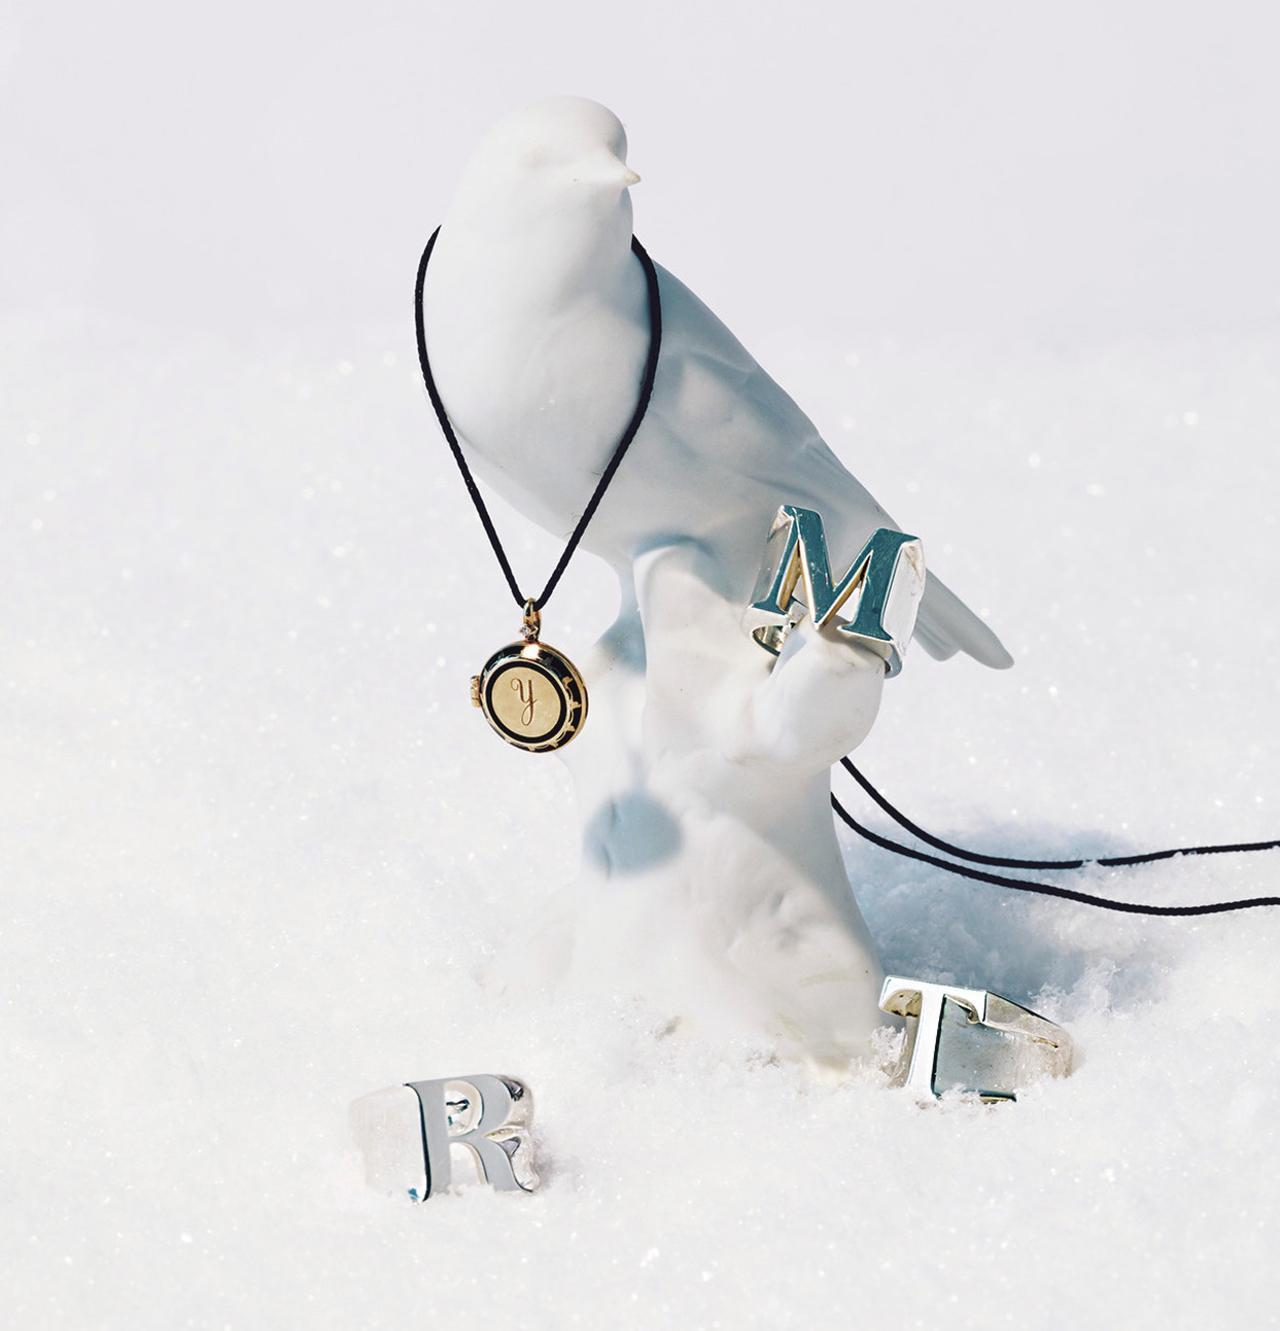 Images : 9番目の画像 - 「目利きが厳選。 大切な人へ届けたい 冬の贈り物 <Vol.2>」のアルバム - T JAPAN:The New York Times Style Magazine 公式サイト